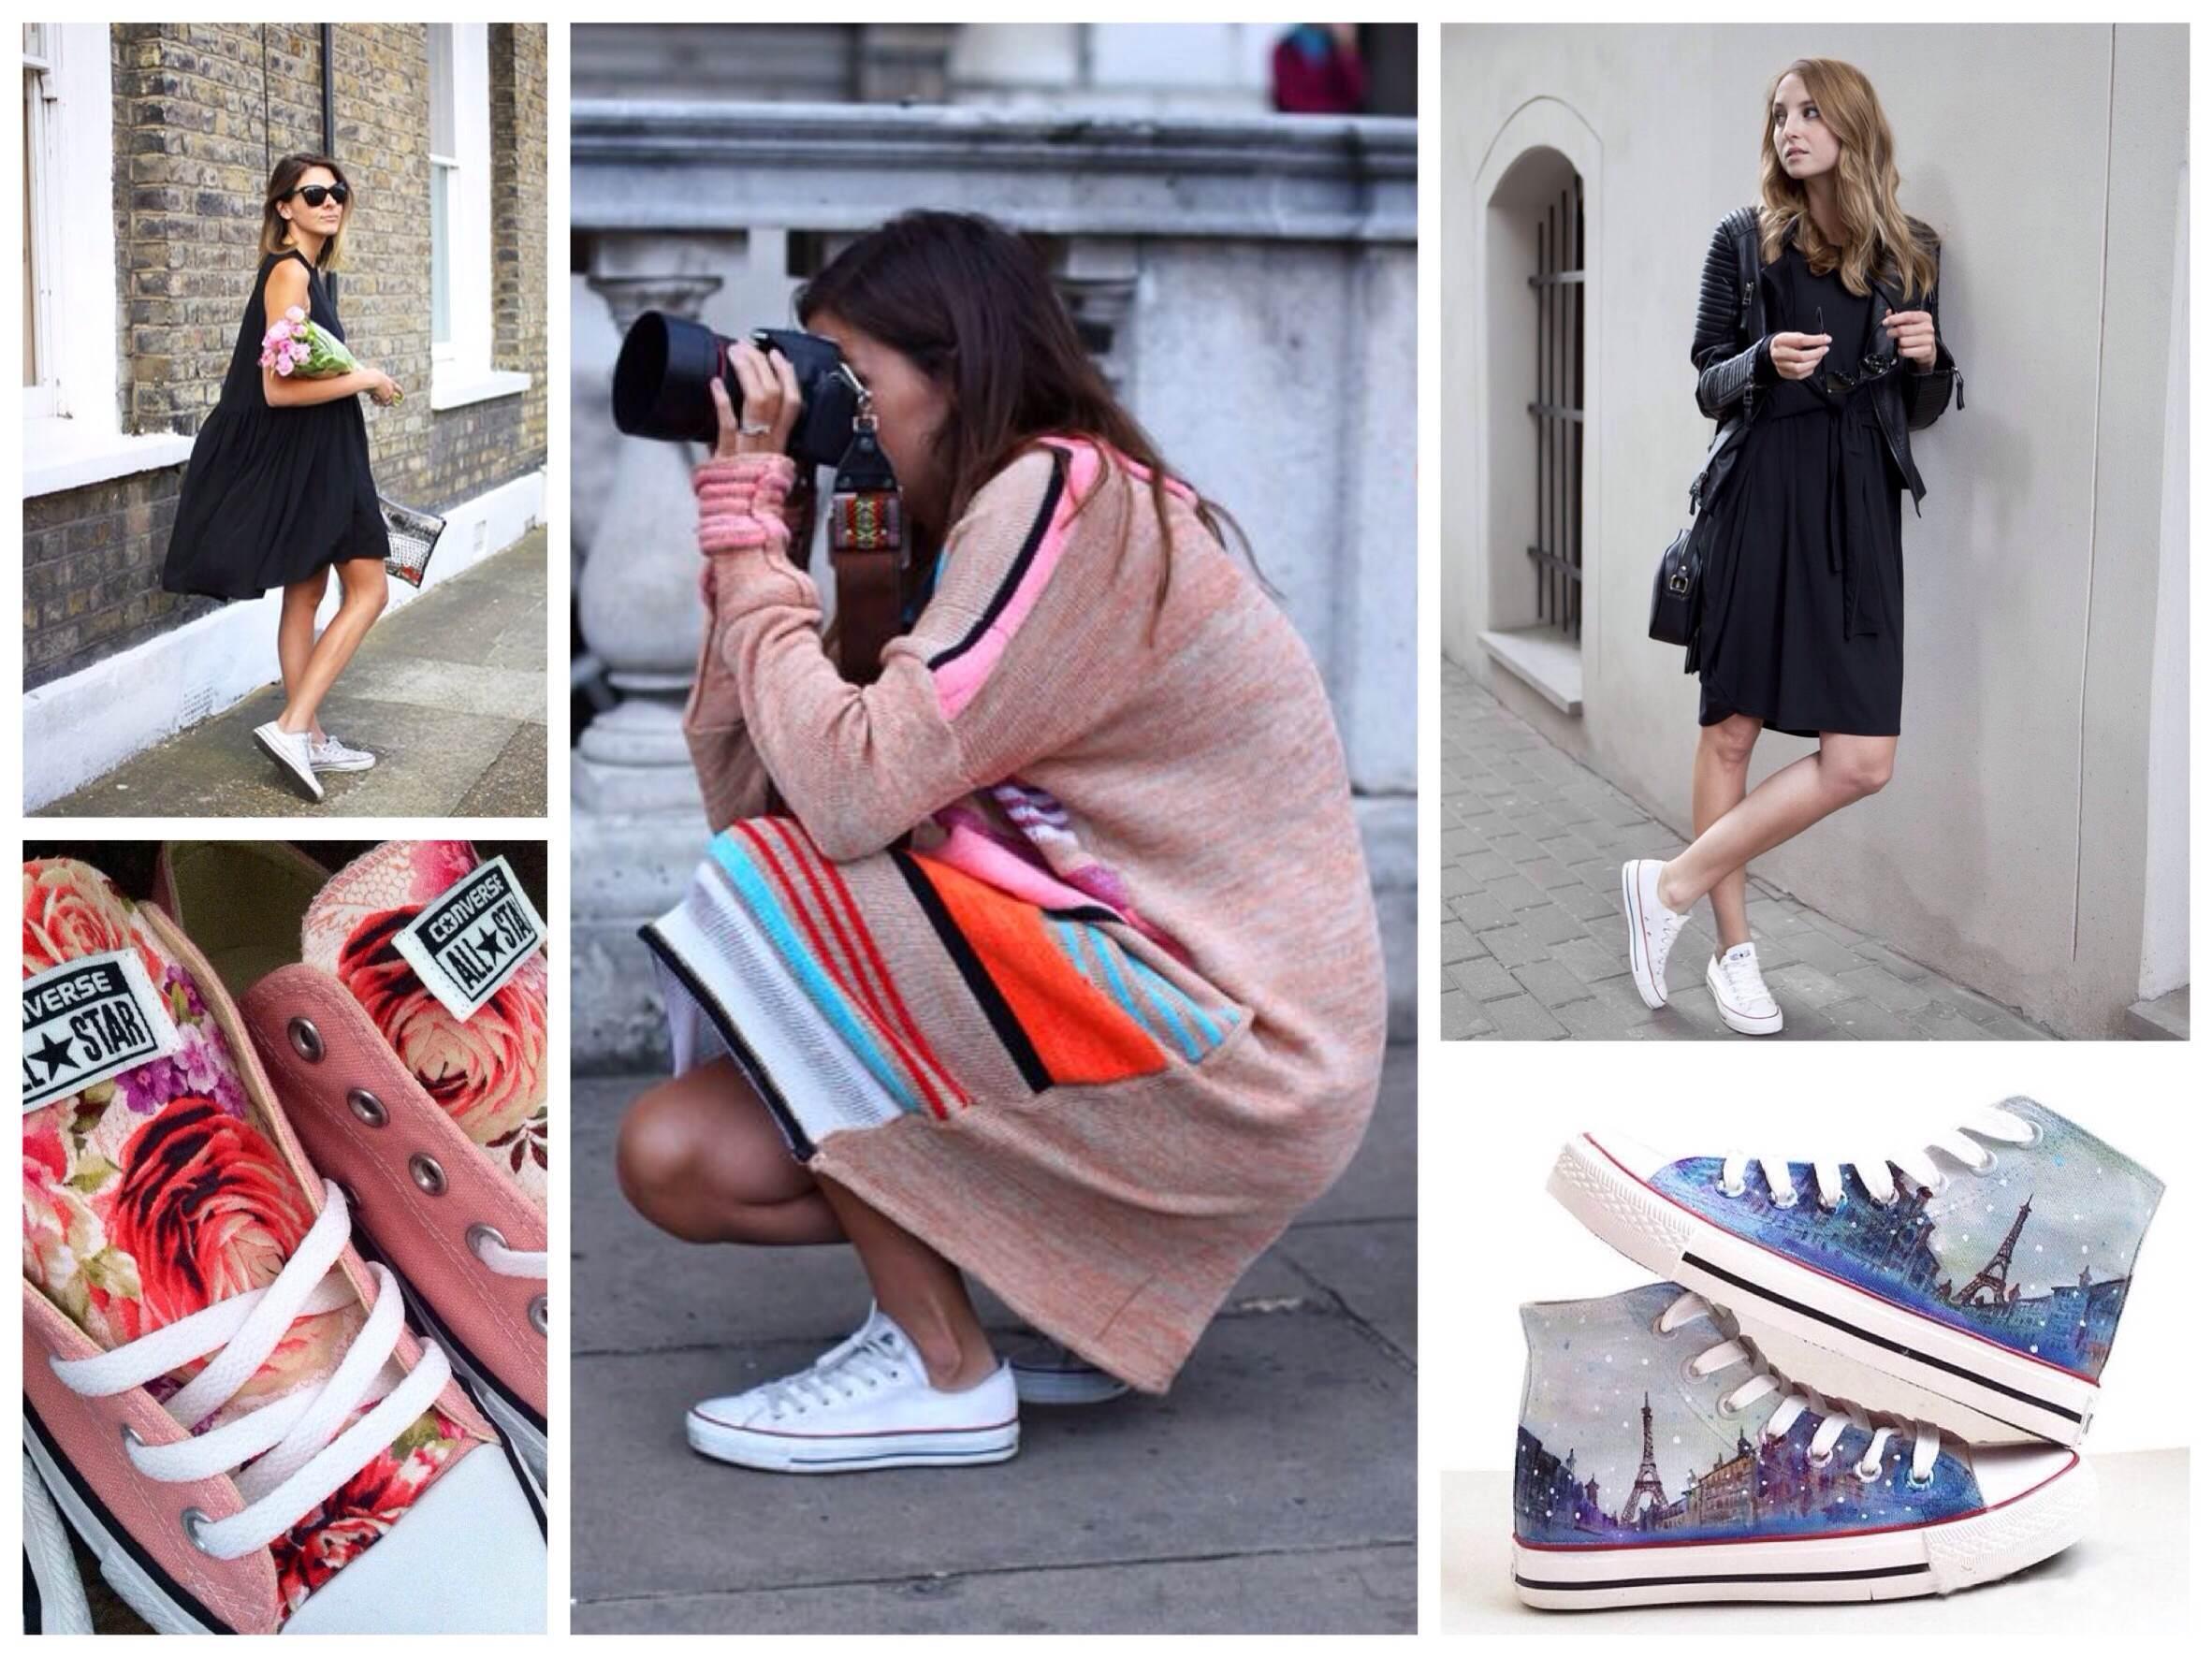 Фотографий девушка в платье и белых носках 6 фотография